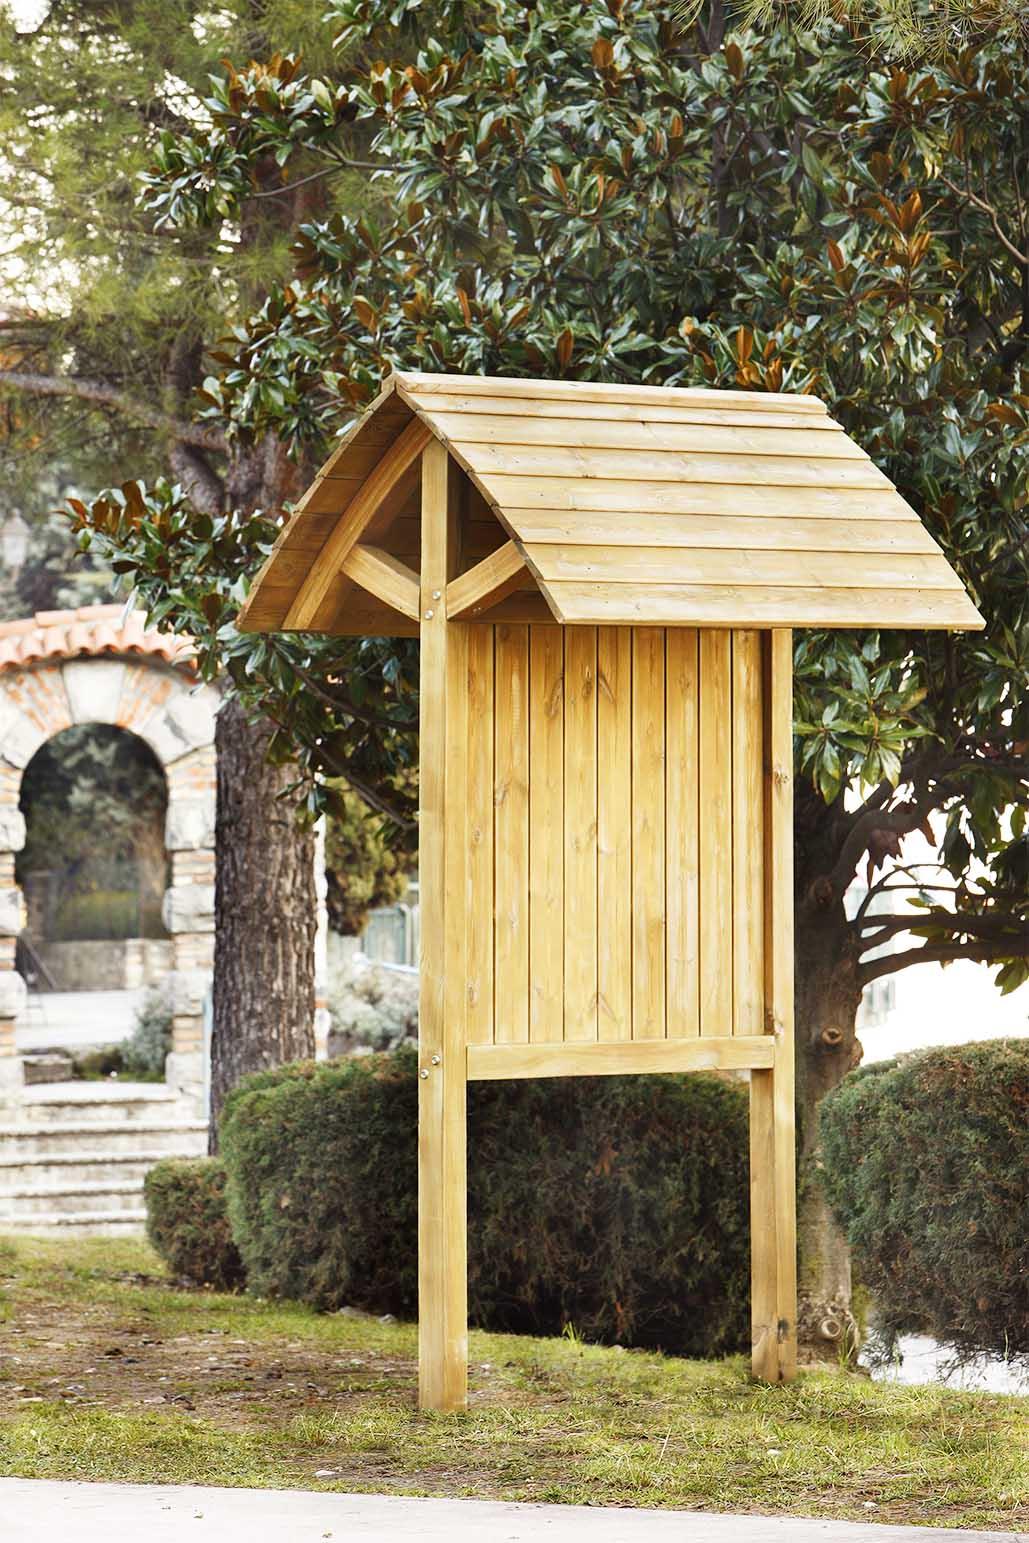 Bacheca in legno di pino impregnato realizzato da Linea Montanalegno - ILT